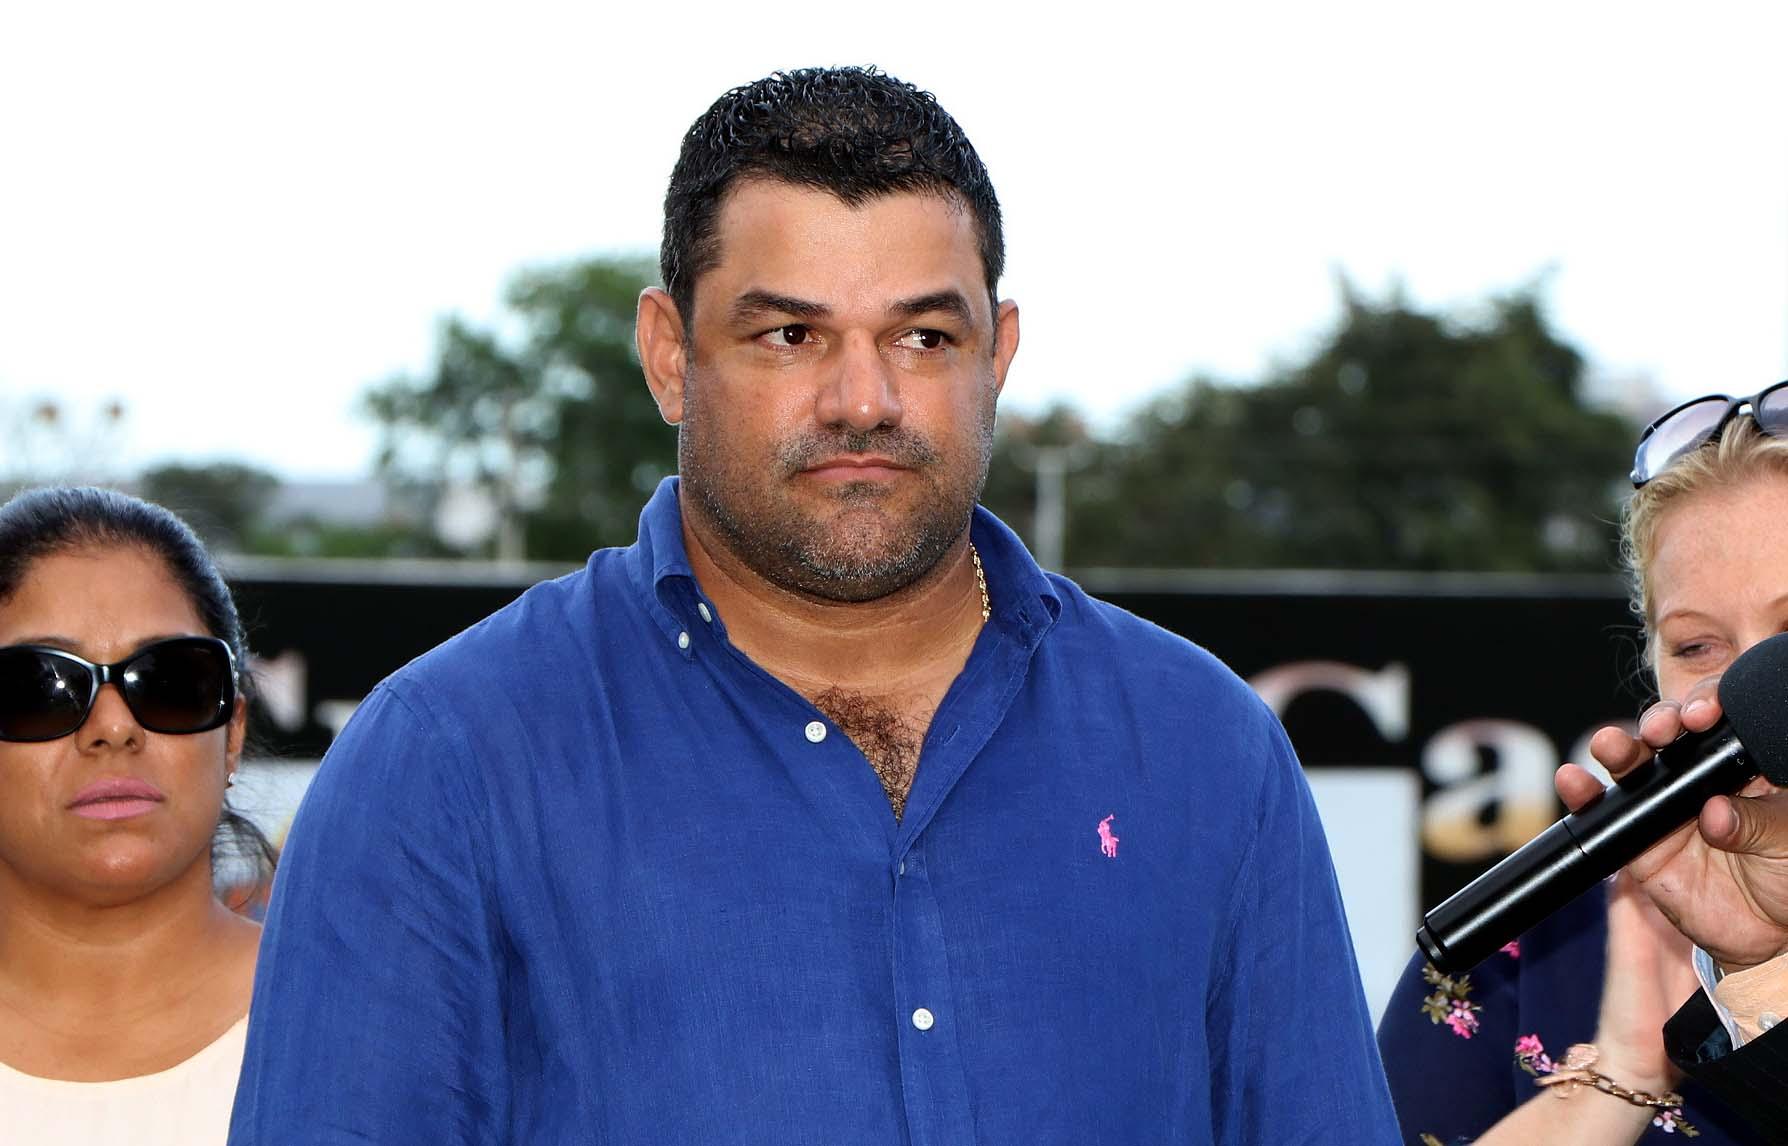 Entrenador panameño acusado de pertenecer a una red criminal dentro de las carreras de caballos en Estados Unidos